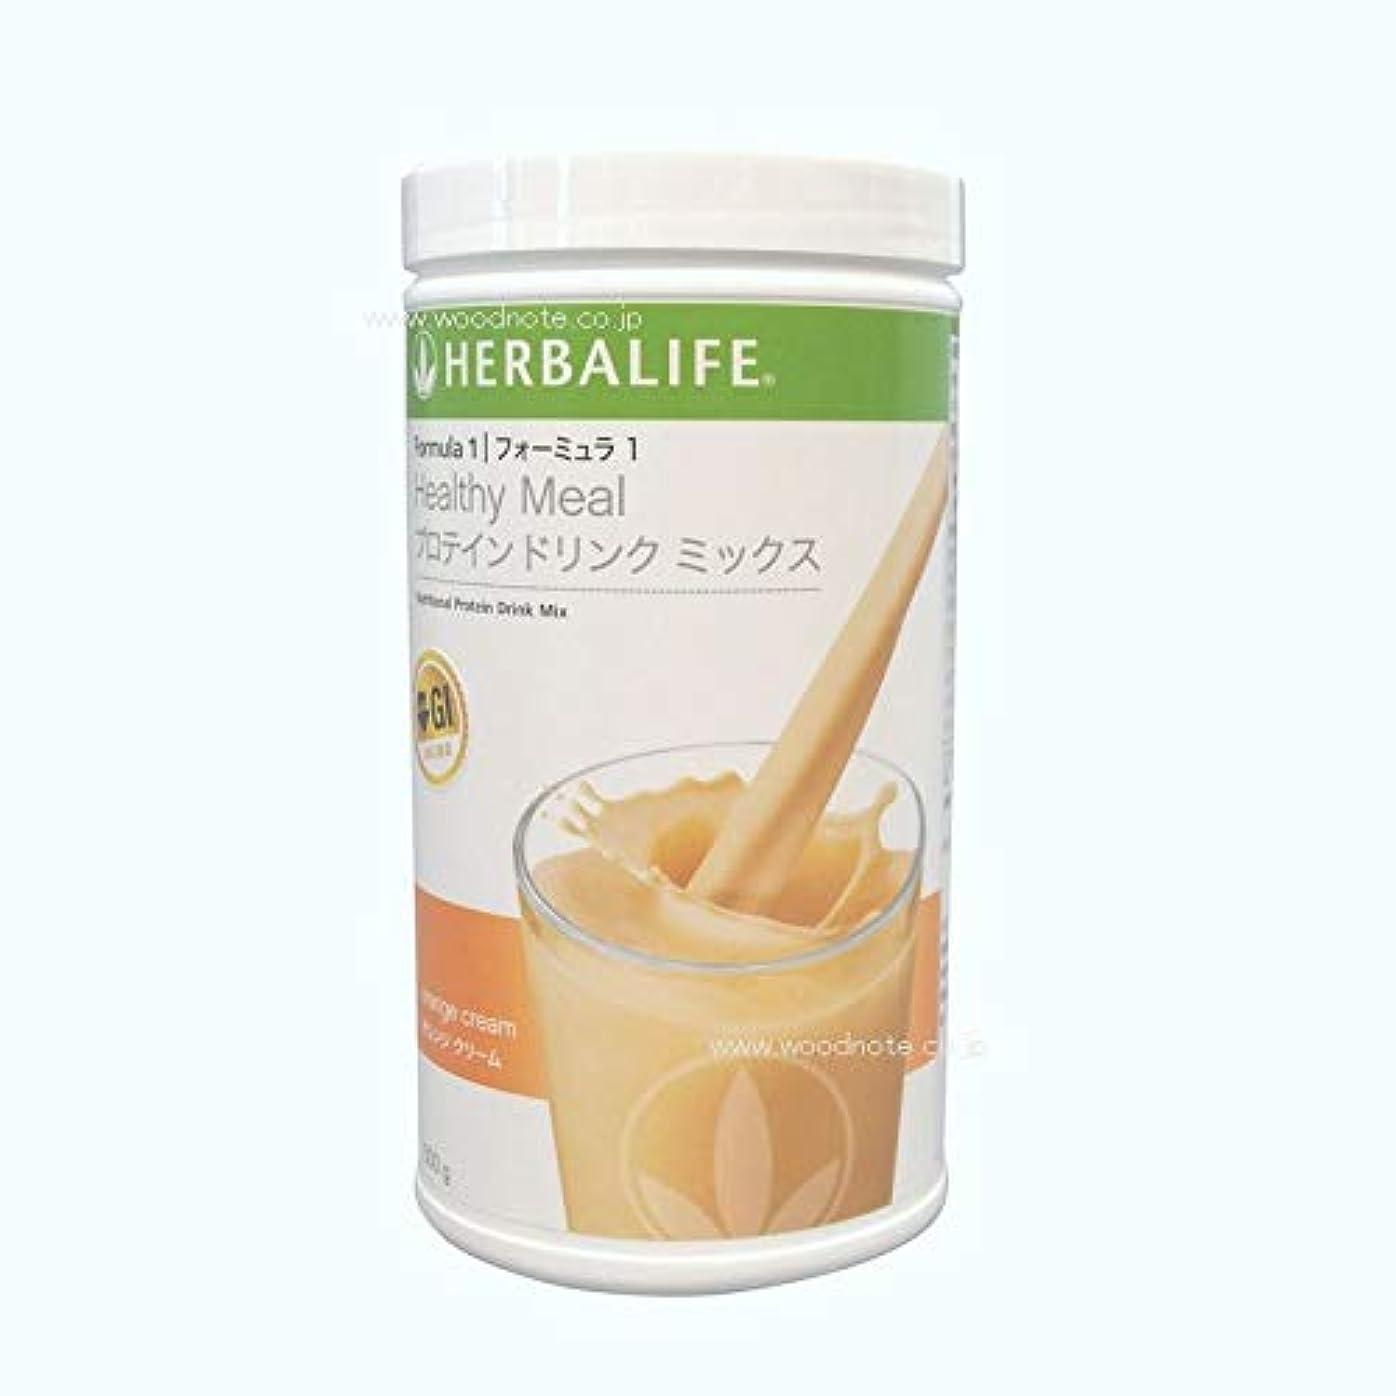 バター全部感謝しているハーバライフ HERBALIFE フォーミュラ1プロテインドリンクミックス オレンジクリーム味